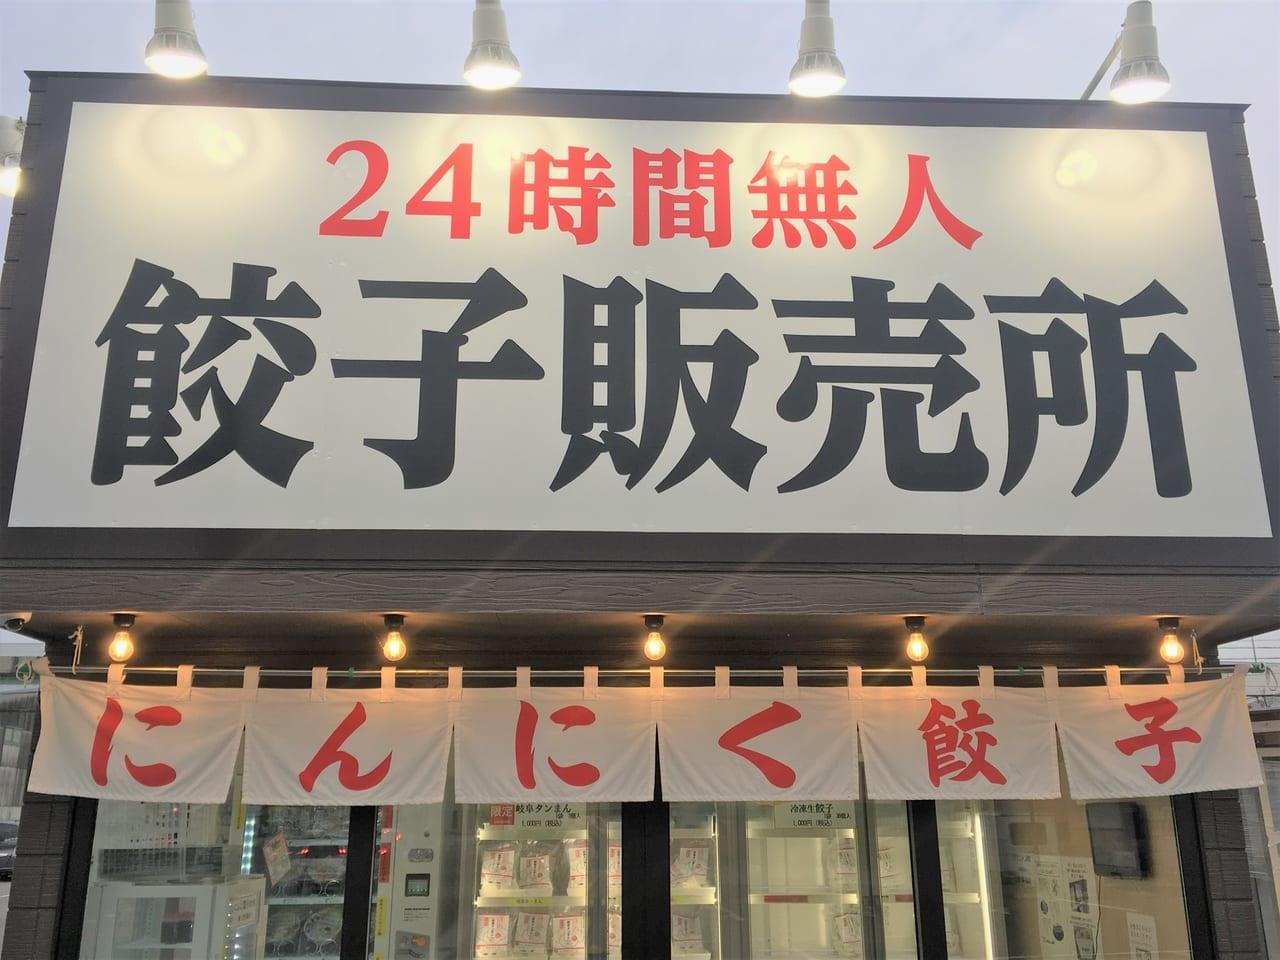 岐阜タンメンの24時間無人餃子販売所 外観